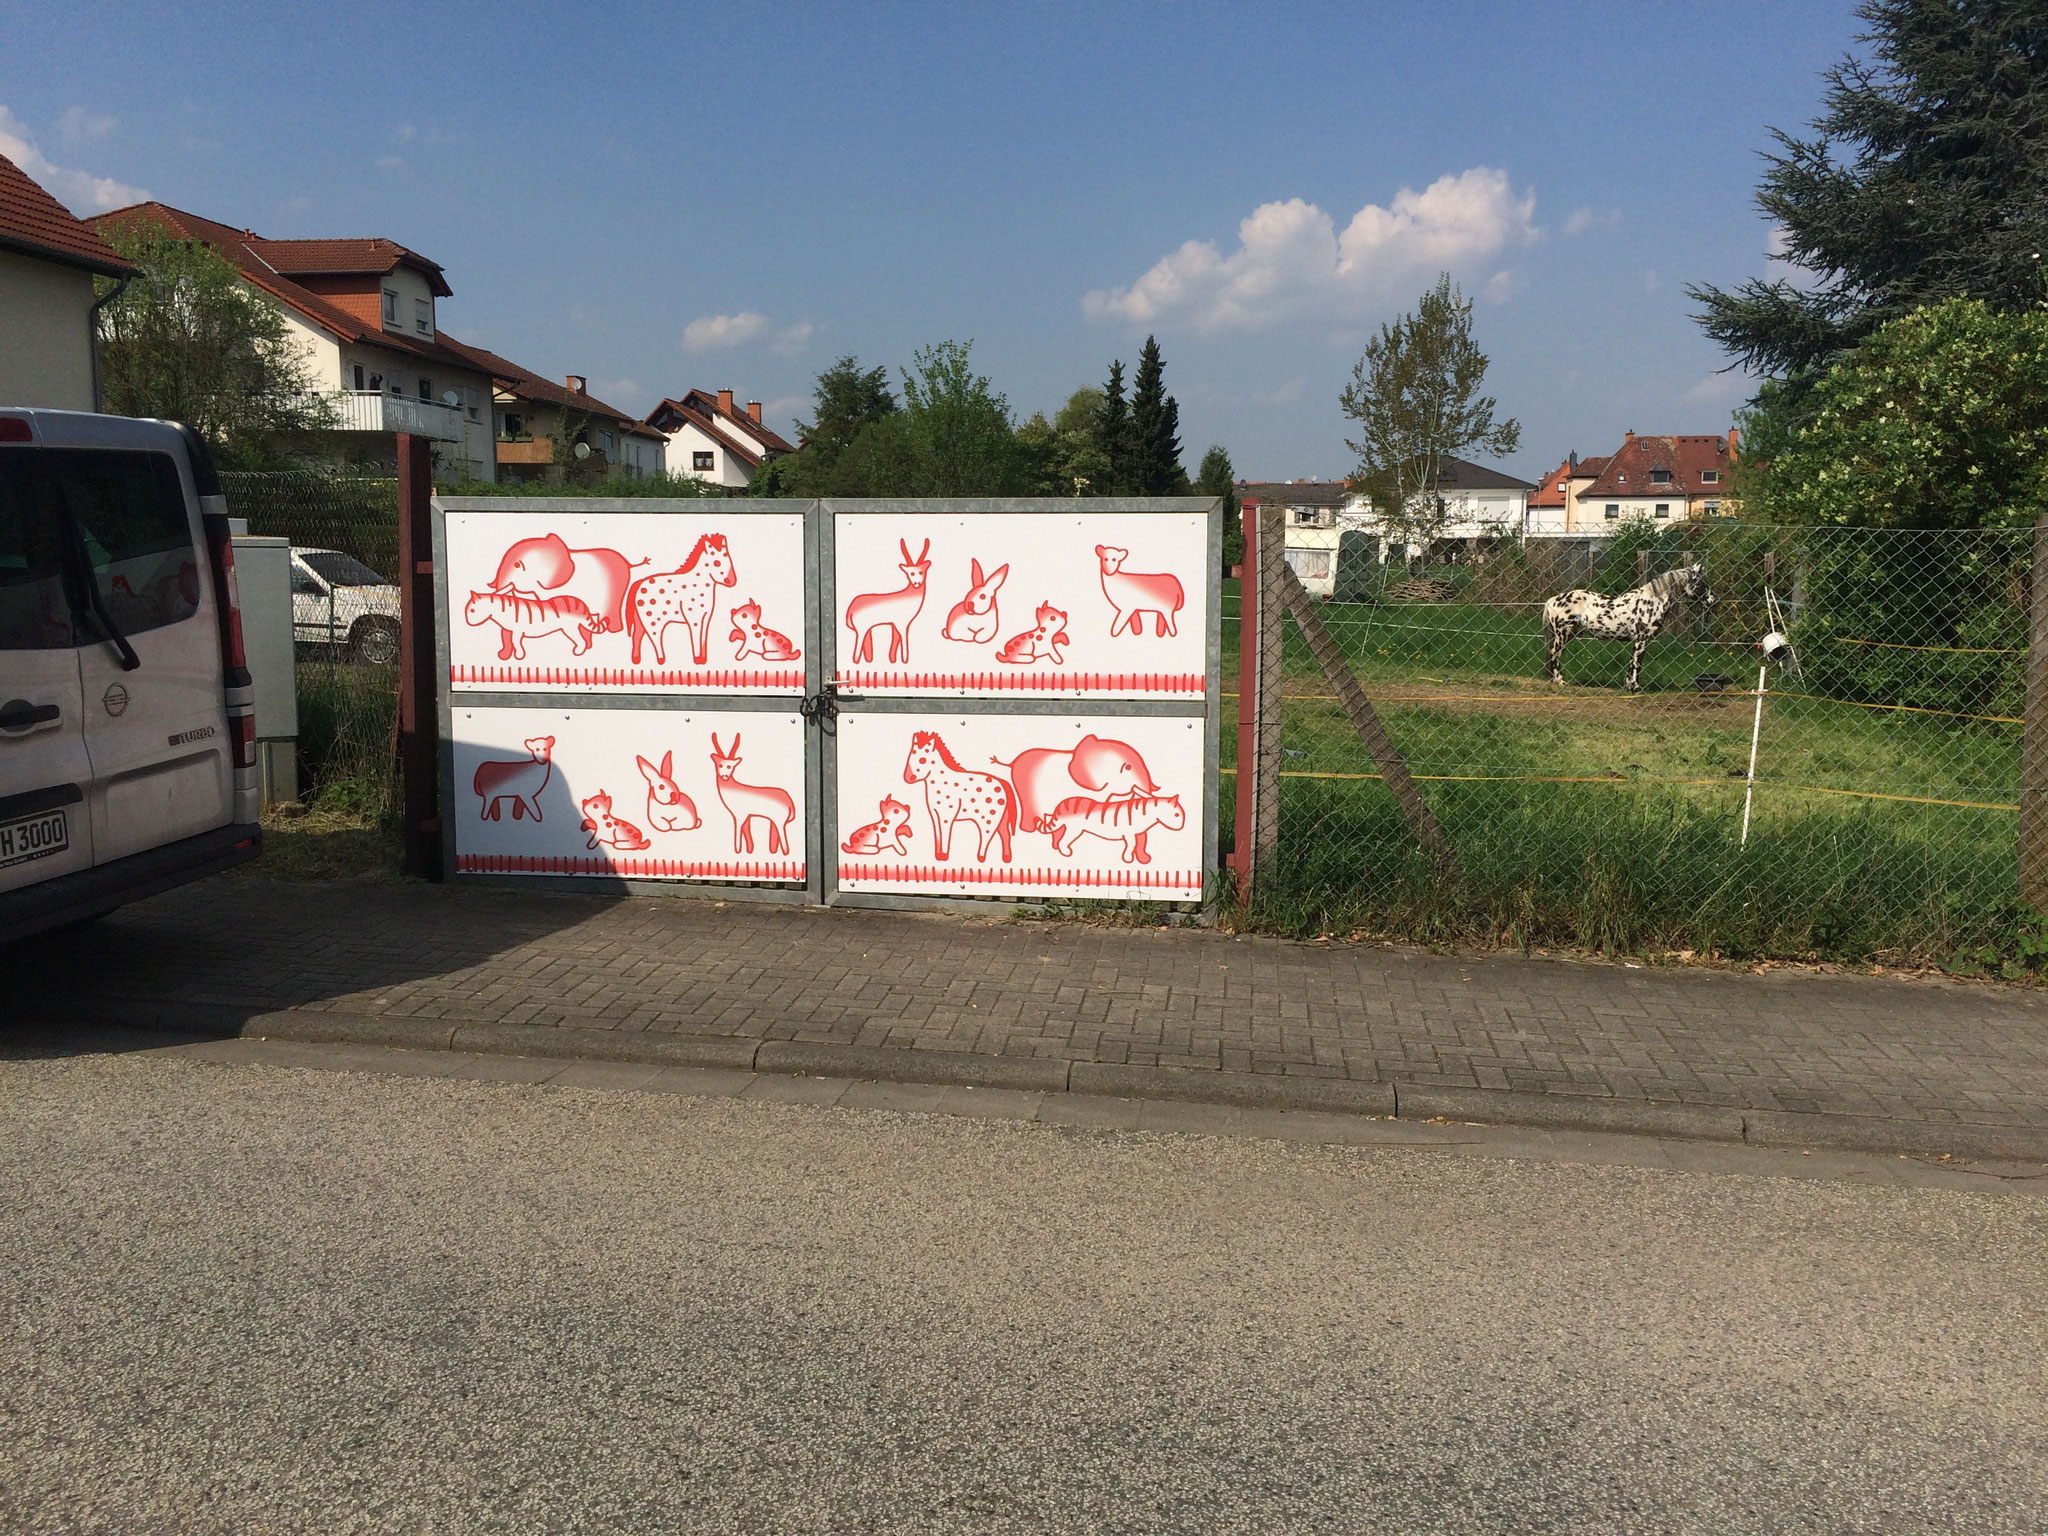 Etwas unansehnlichen Zaun mit Schildern verdeckt.